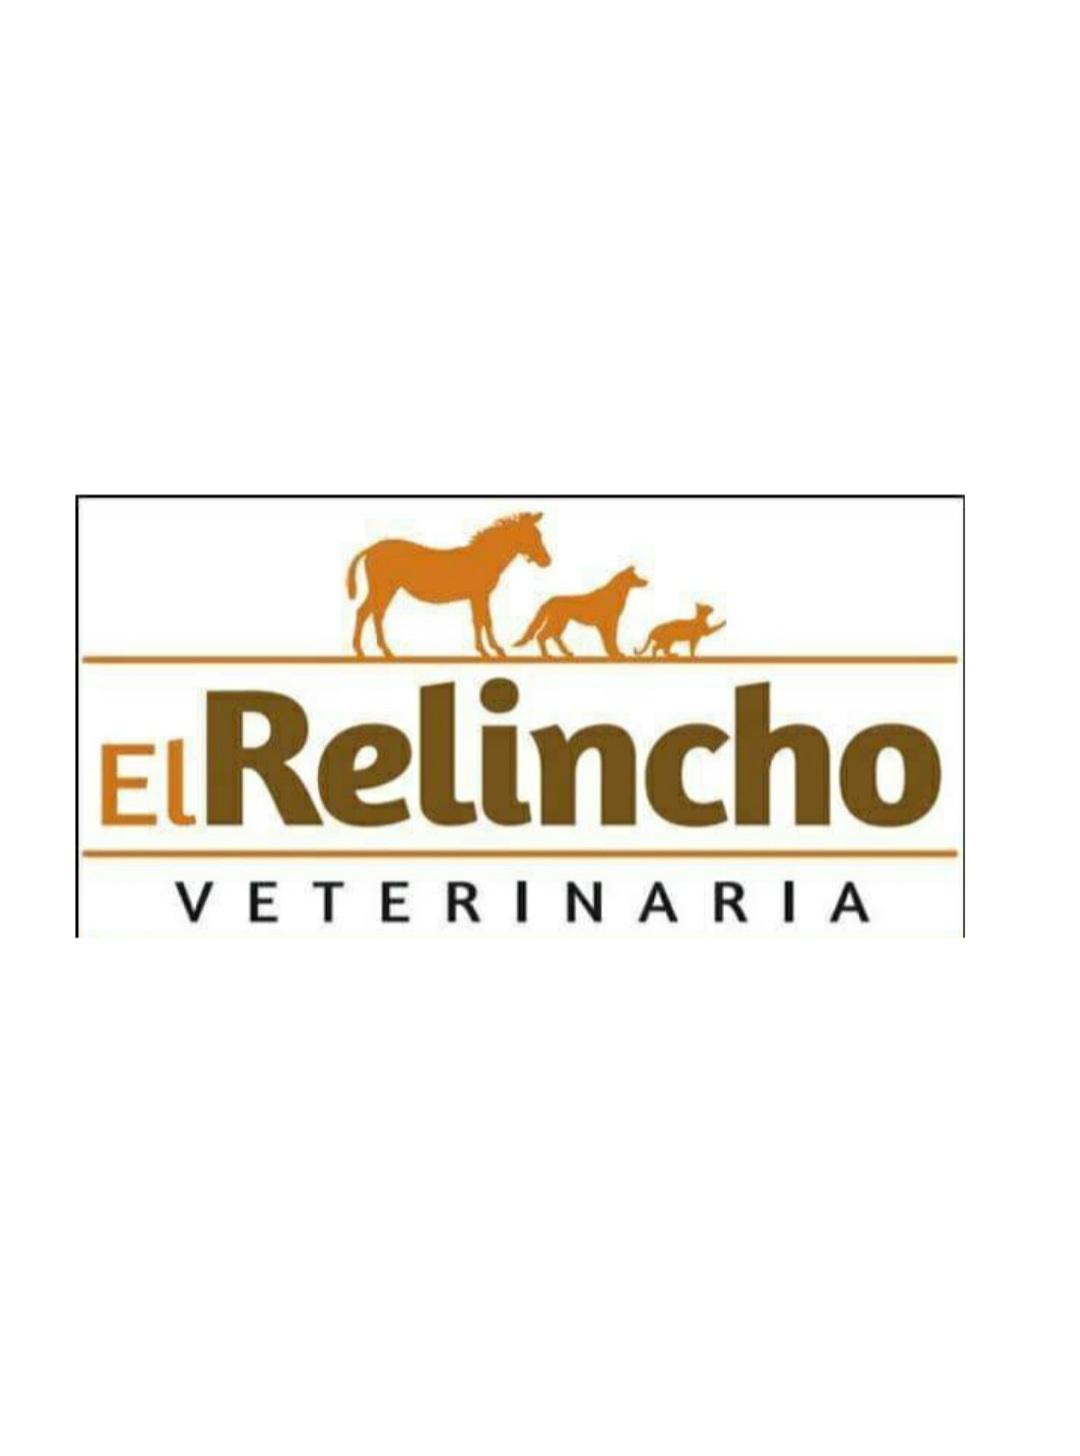 Veterinaria El Relincho